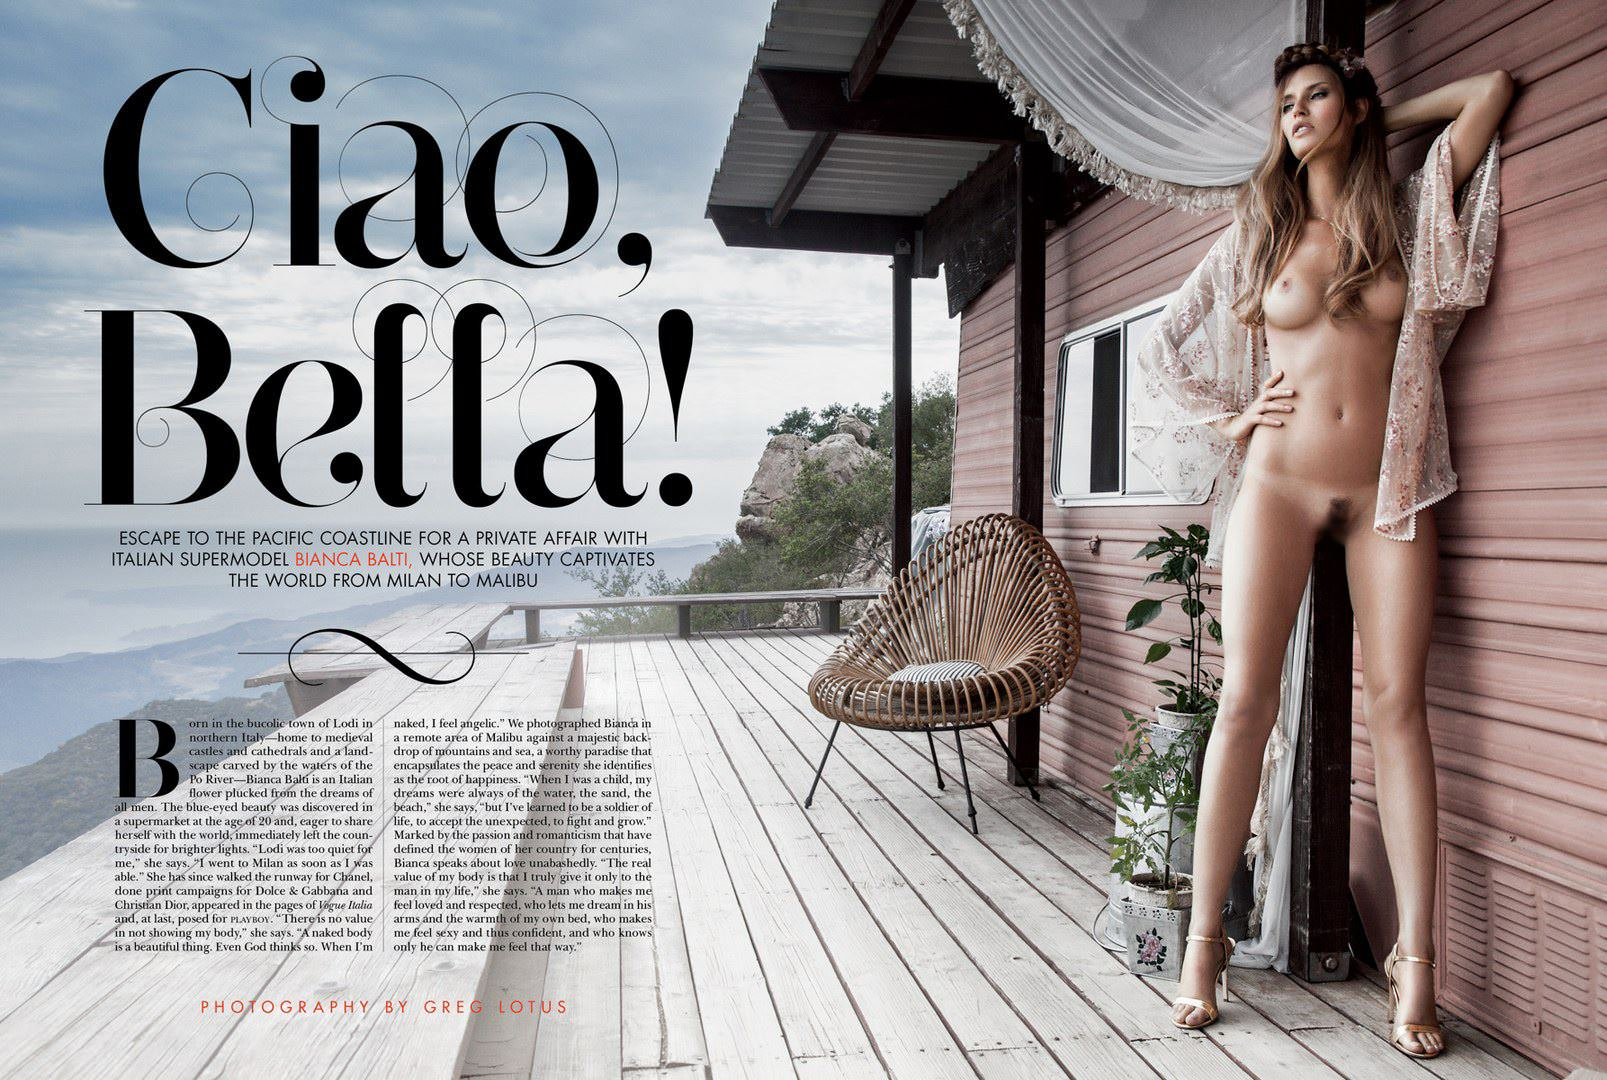 【外人】プレイボーイに掲載のビアンカ・バルティ(Bianca Balti)の芸術的露出フルヌードのポルノ画像 7135